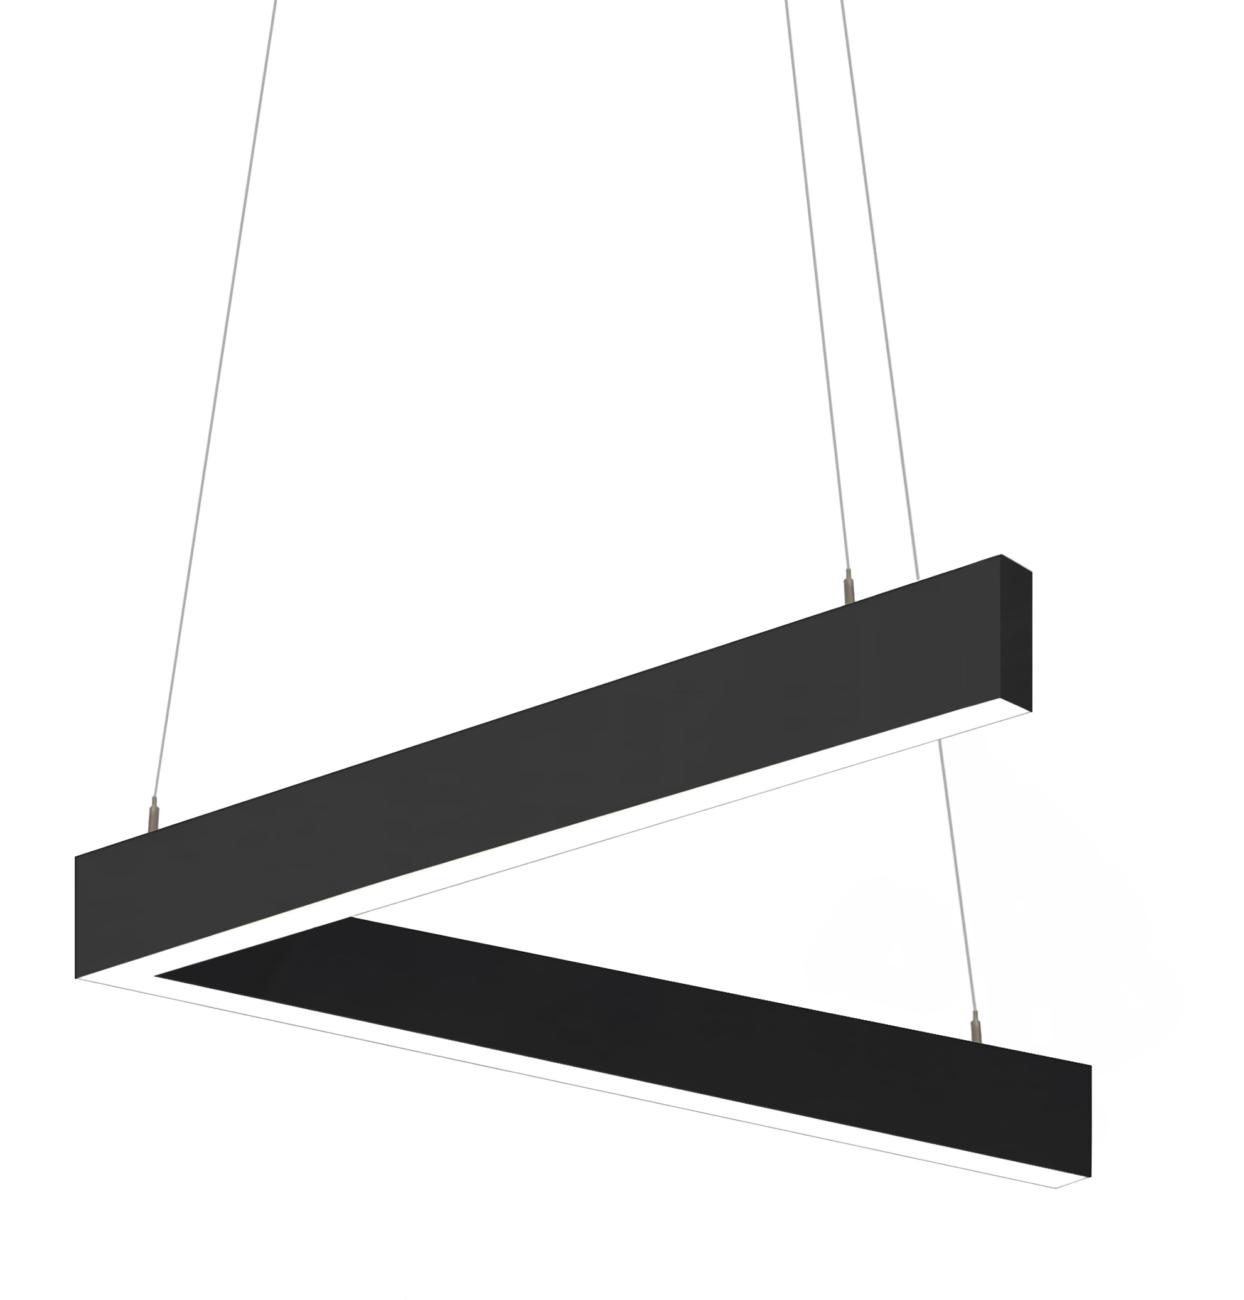 Светильник Style-3567. 1000×1500мм. 4000К/3000К. 43W/90W купить в Санкт-Петербурге